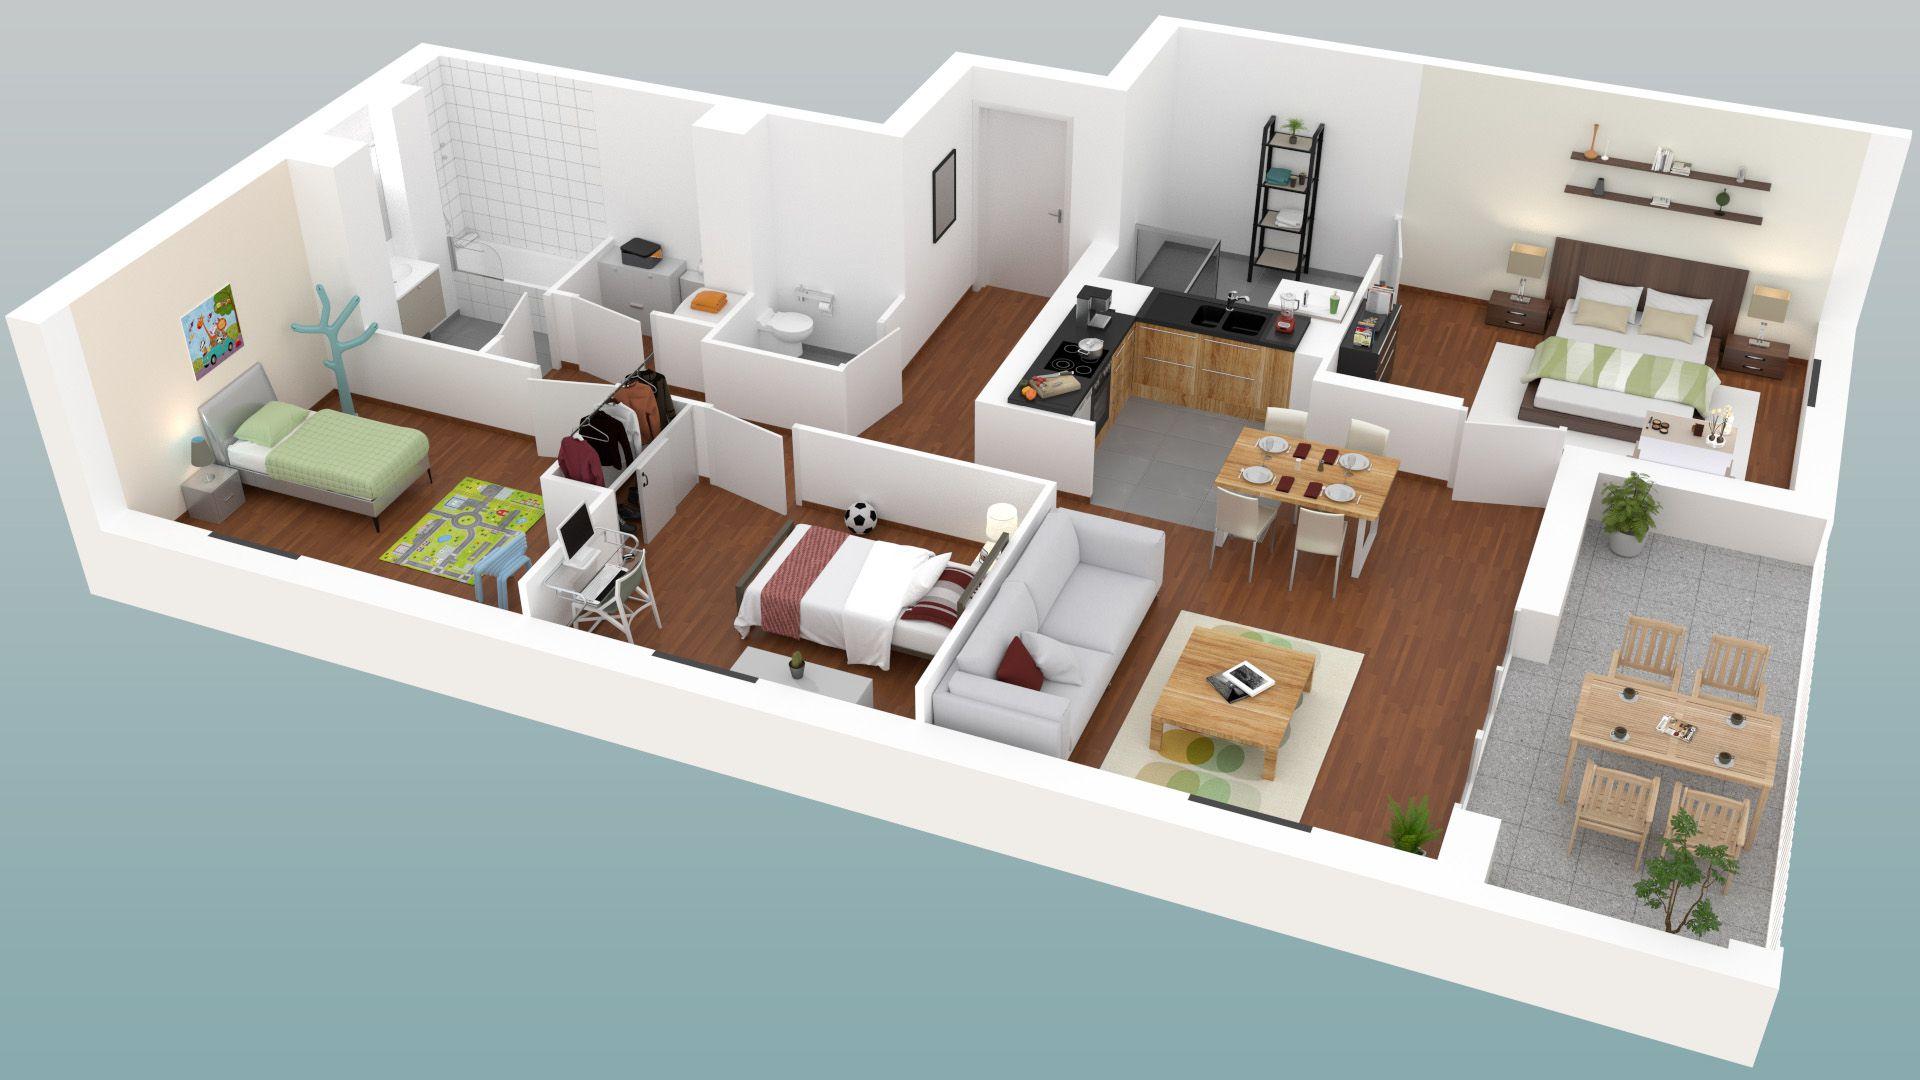 Plan d appartement en 3d excellent inclus with plan d for Appartement en 3d